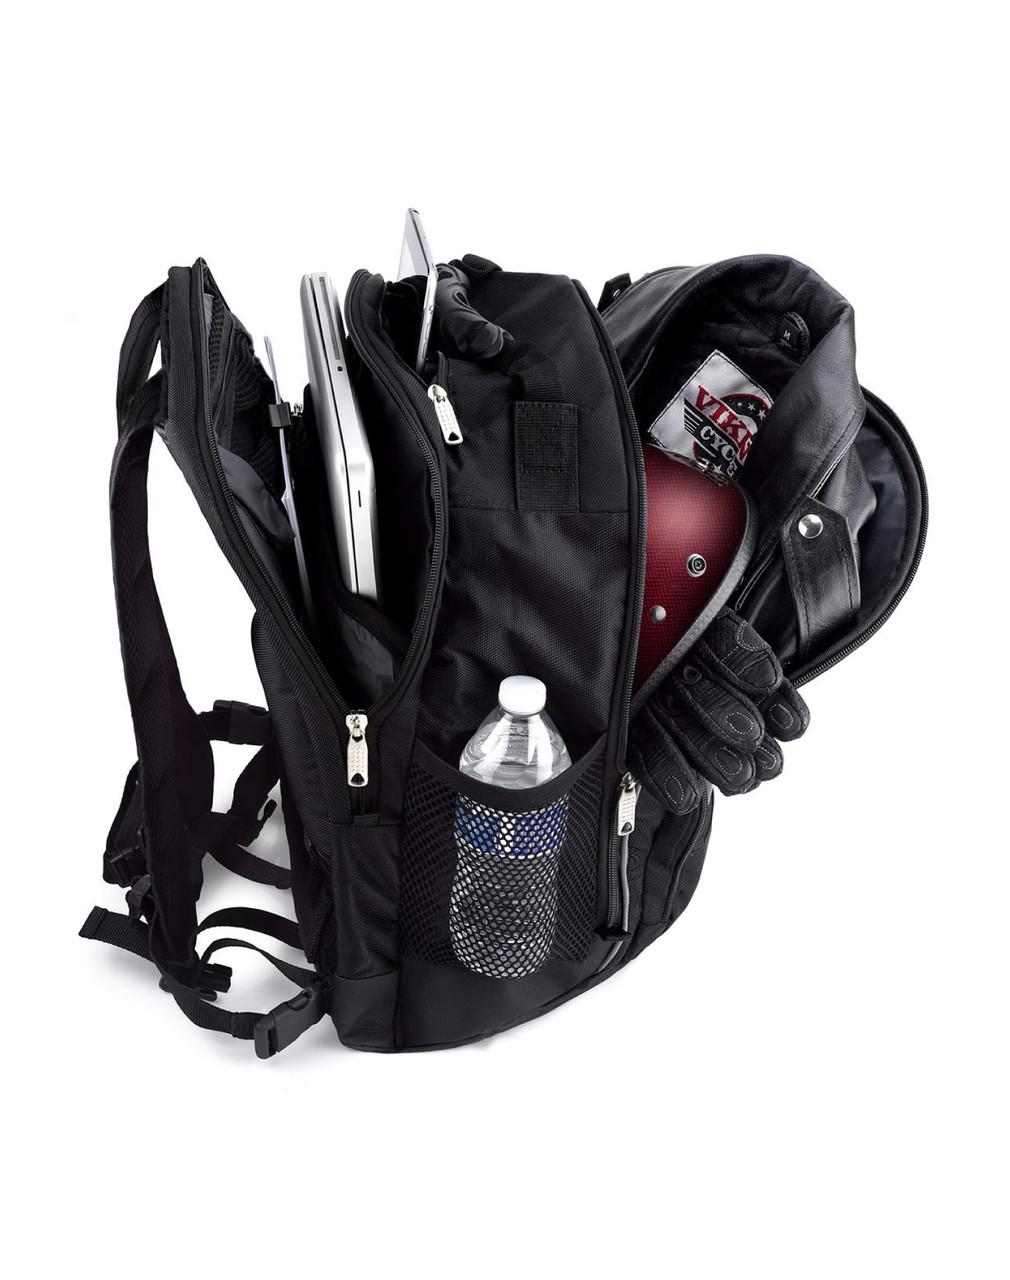 Viking Medium Black Street/Sportbike Sissy Bar Backpack Storage View